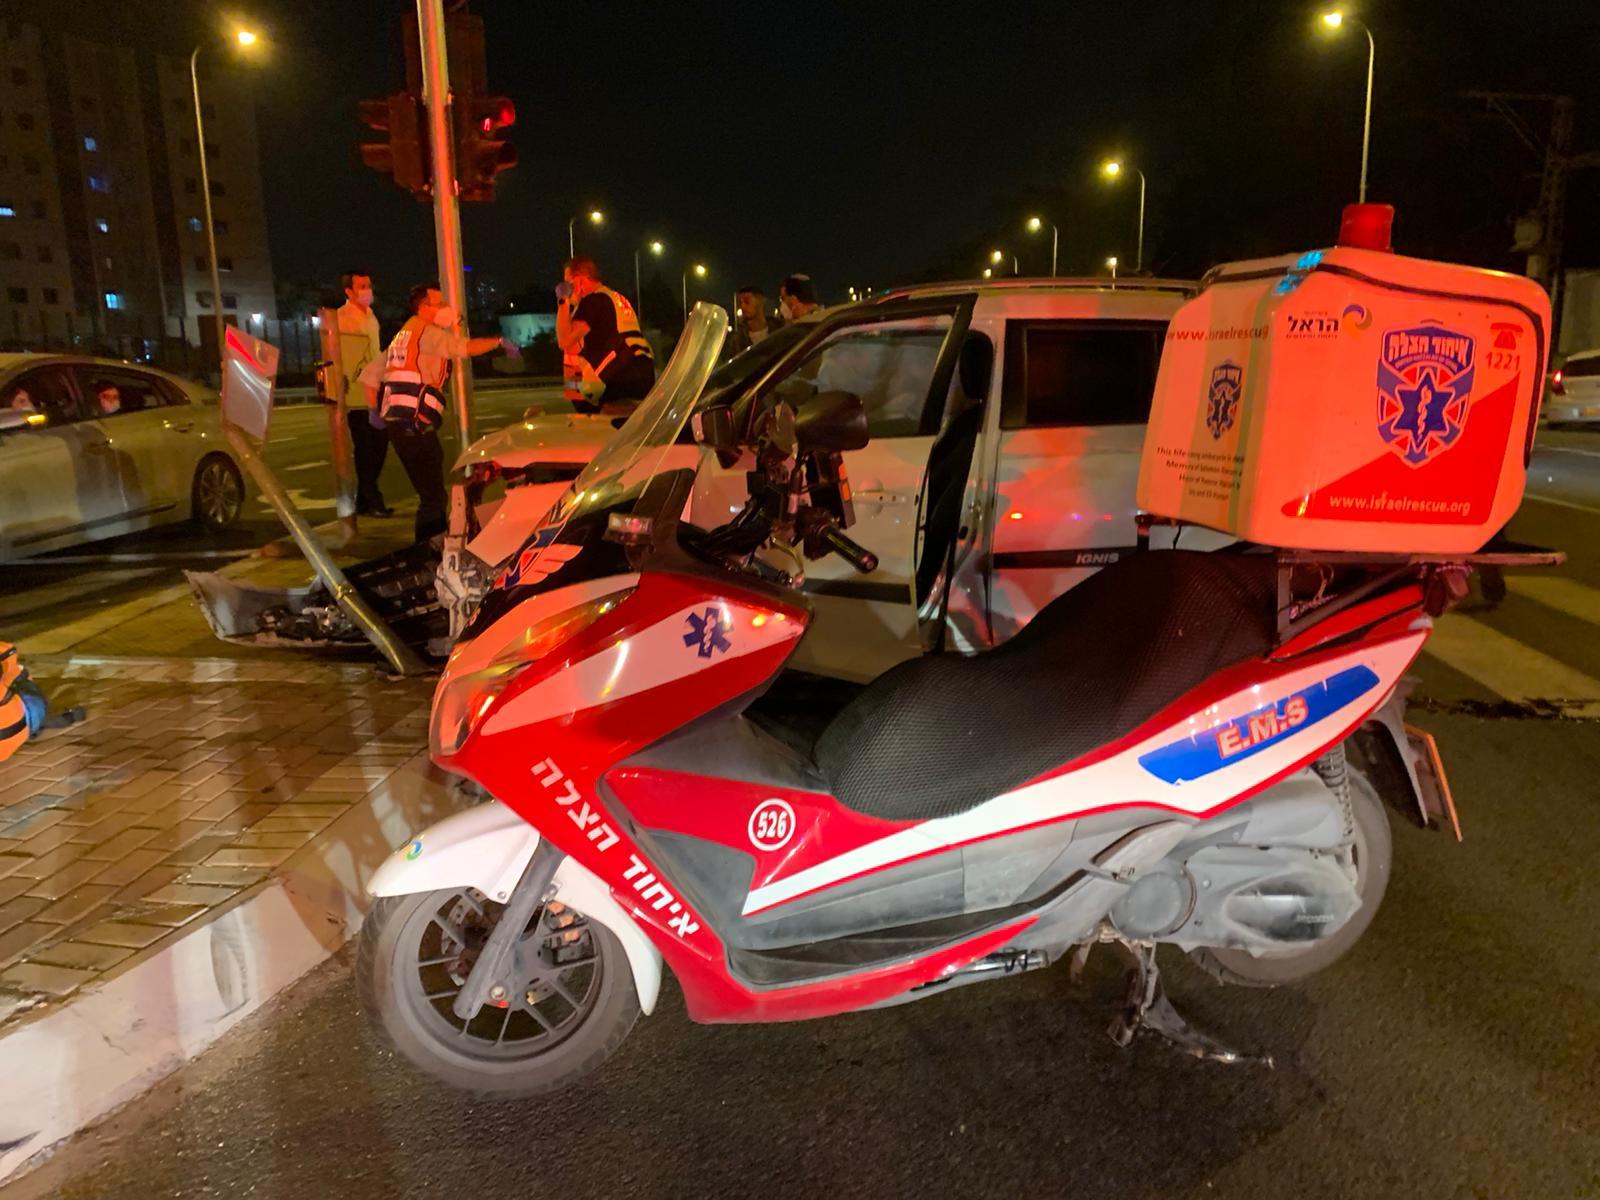 الرملة: حادث طرق بين مركبتين يُسفر عن اصابة 3 أشخاص